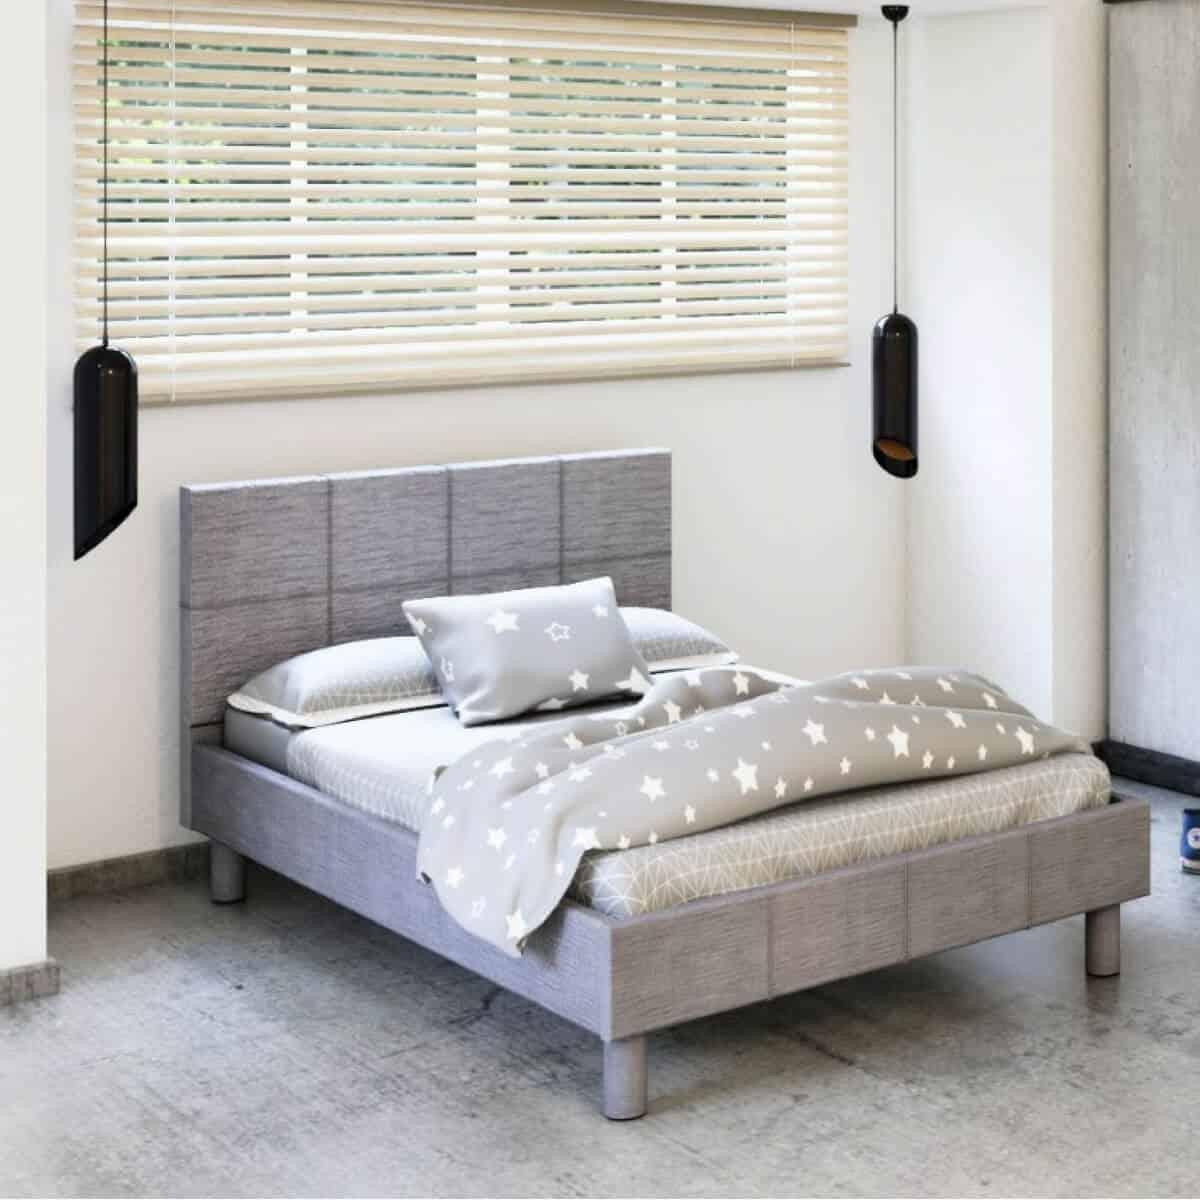 מקורי מיטה וחצי דגם ינאי ר.א במחיר הכי אטרקטיבי ועוד סוגים מגוונים-לילך RM-76